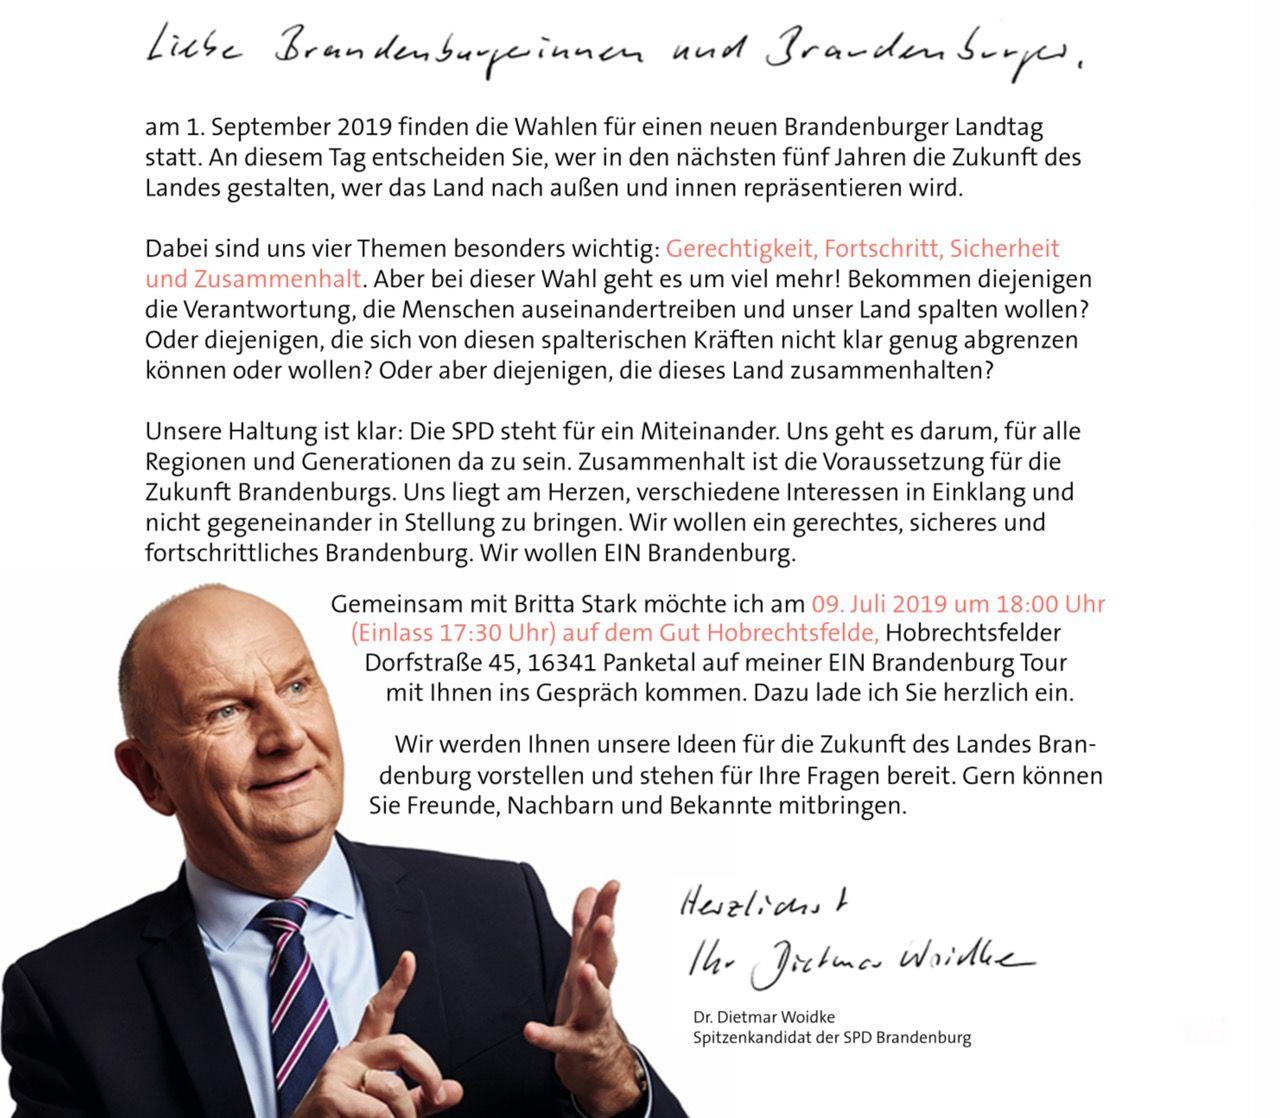 Ministerpräsident Dr. Dietmar Woidke zu Gast in Hobrechtsfelde